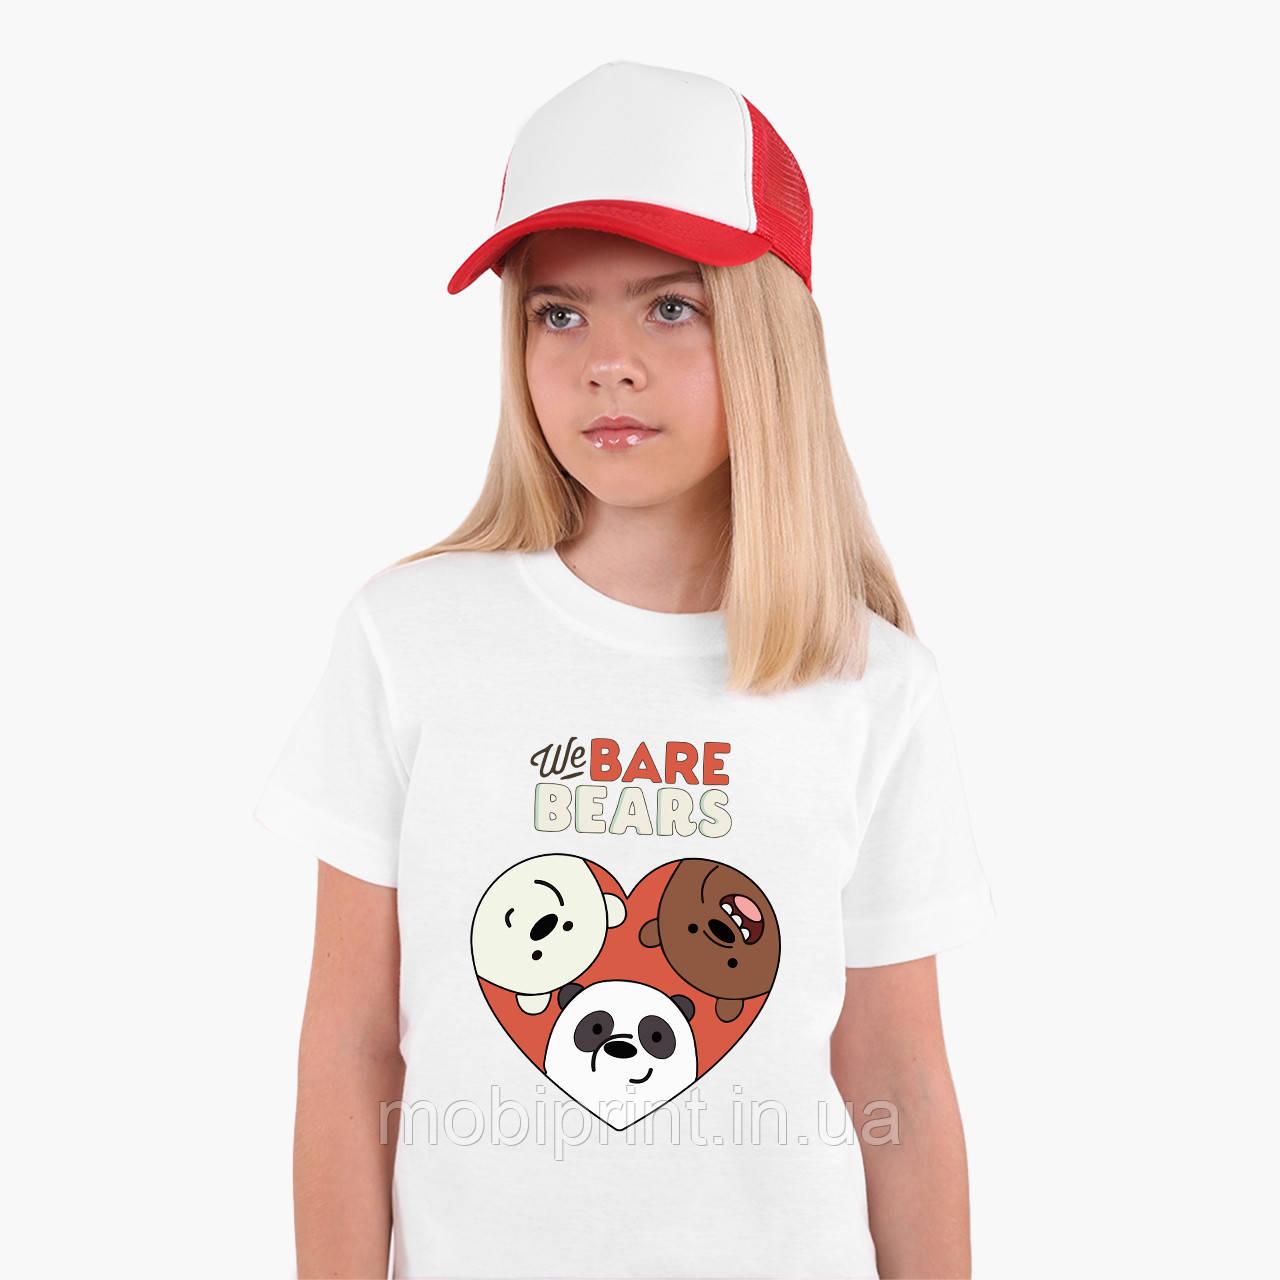 Футболка дитяча Вся правда про ведмедів (We Bare Bears) Білий (9224-2669)